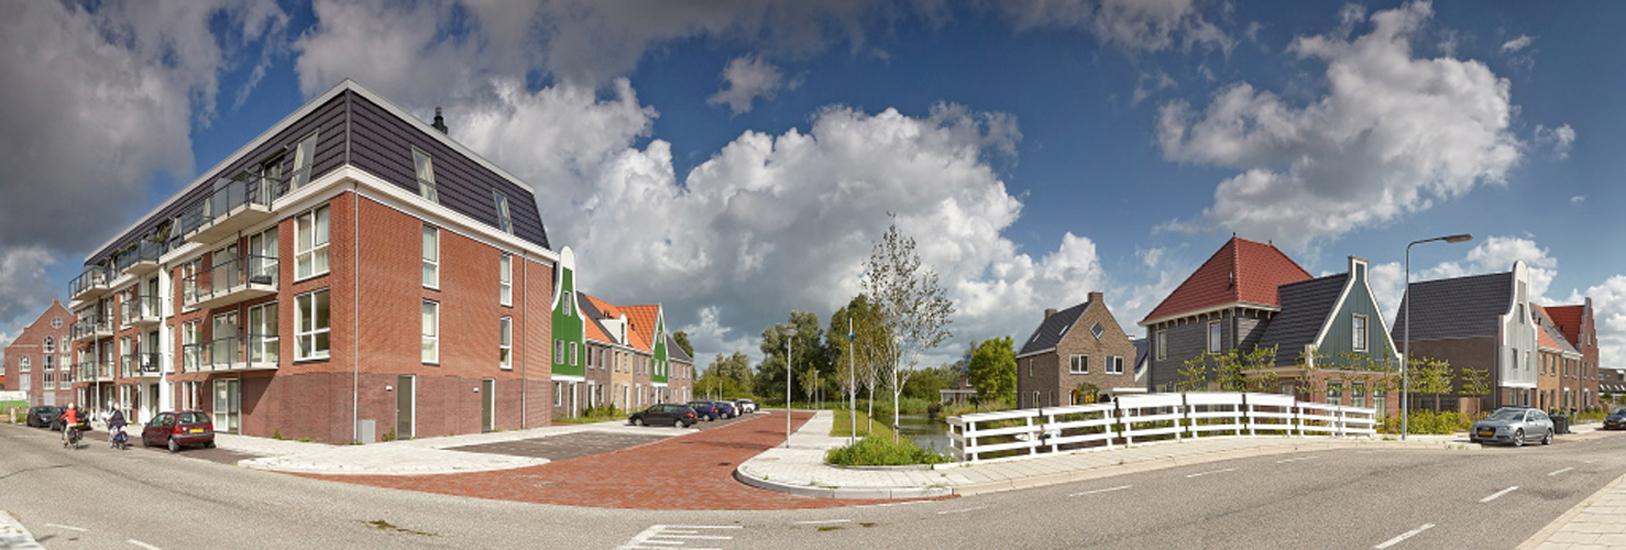 luijendijk-landsmeer-2-mmooy-bft-2014